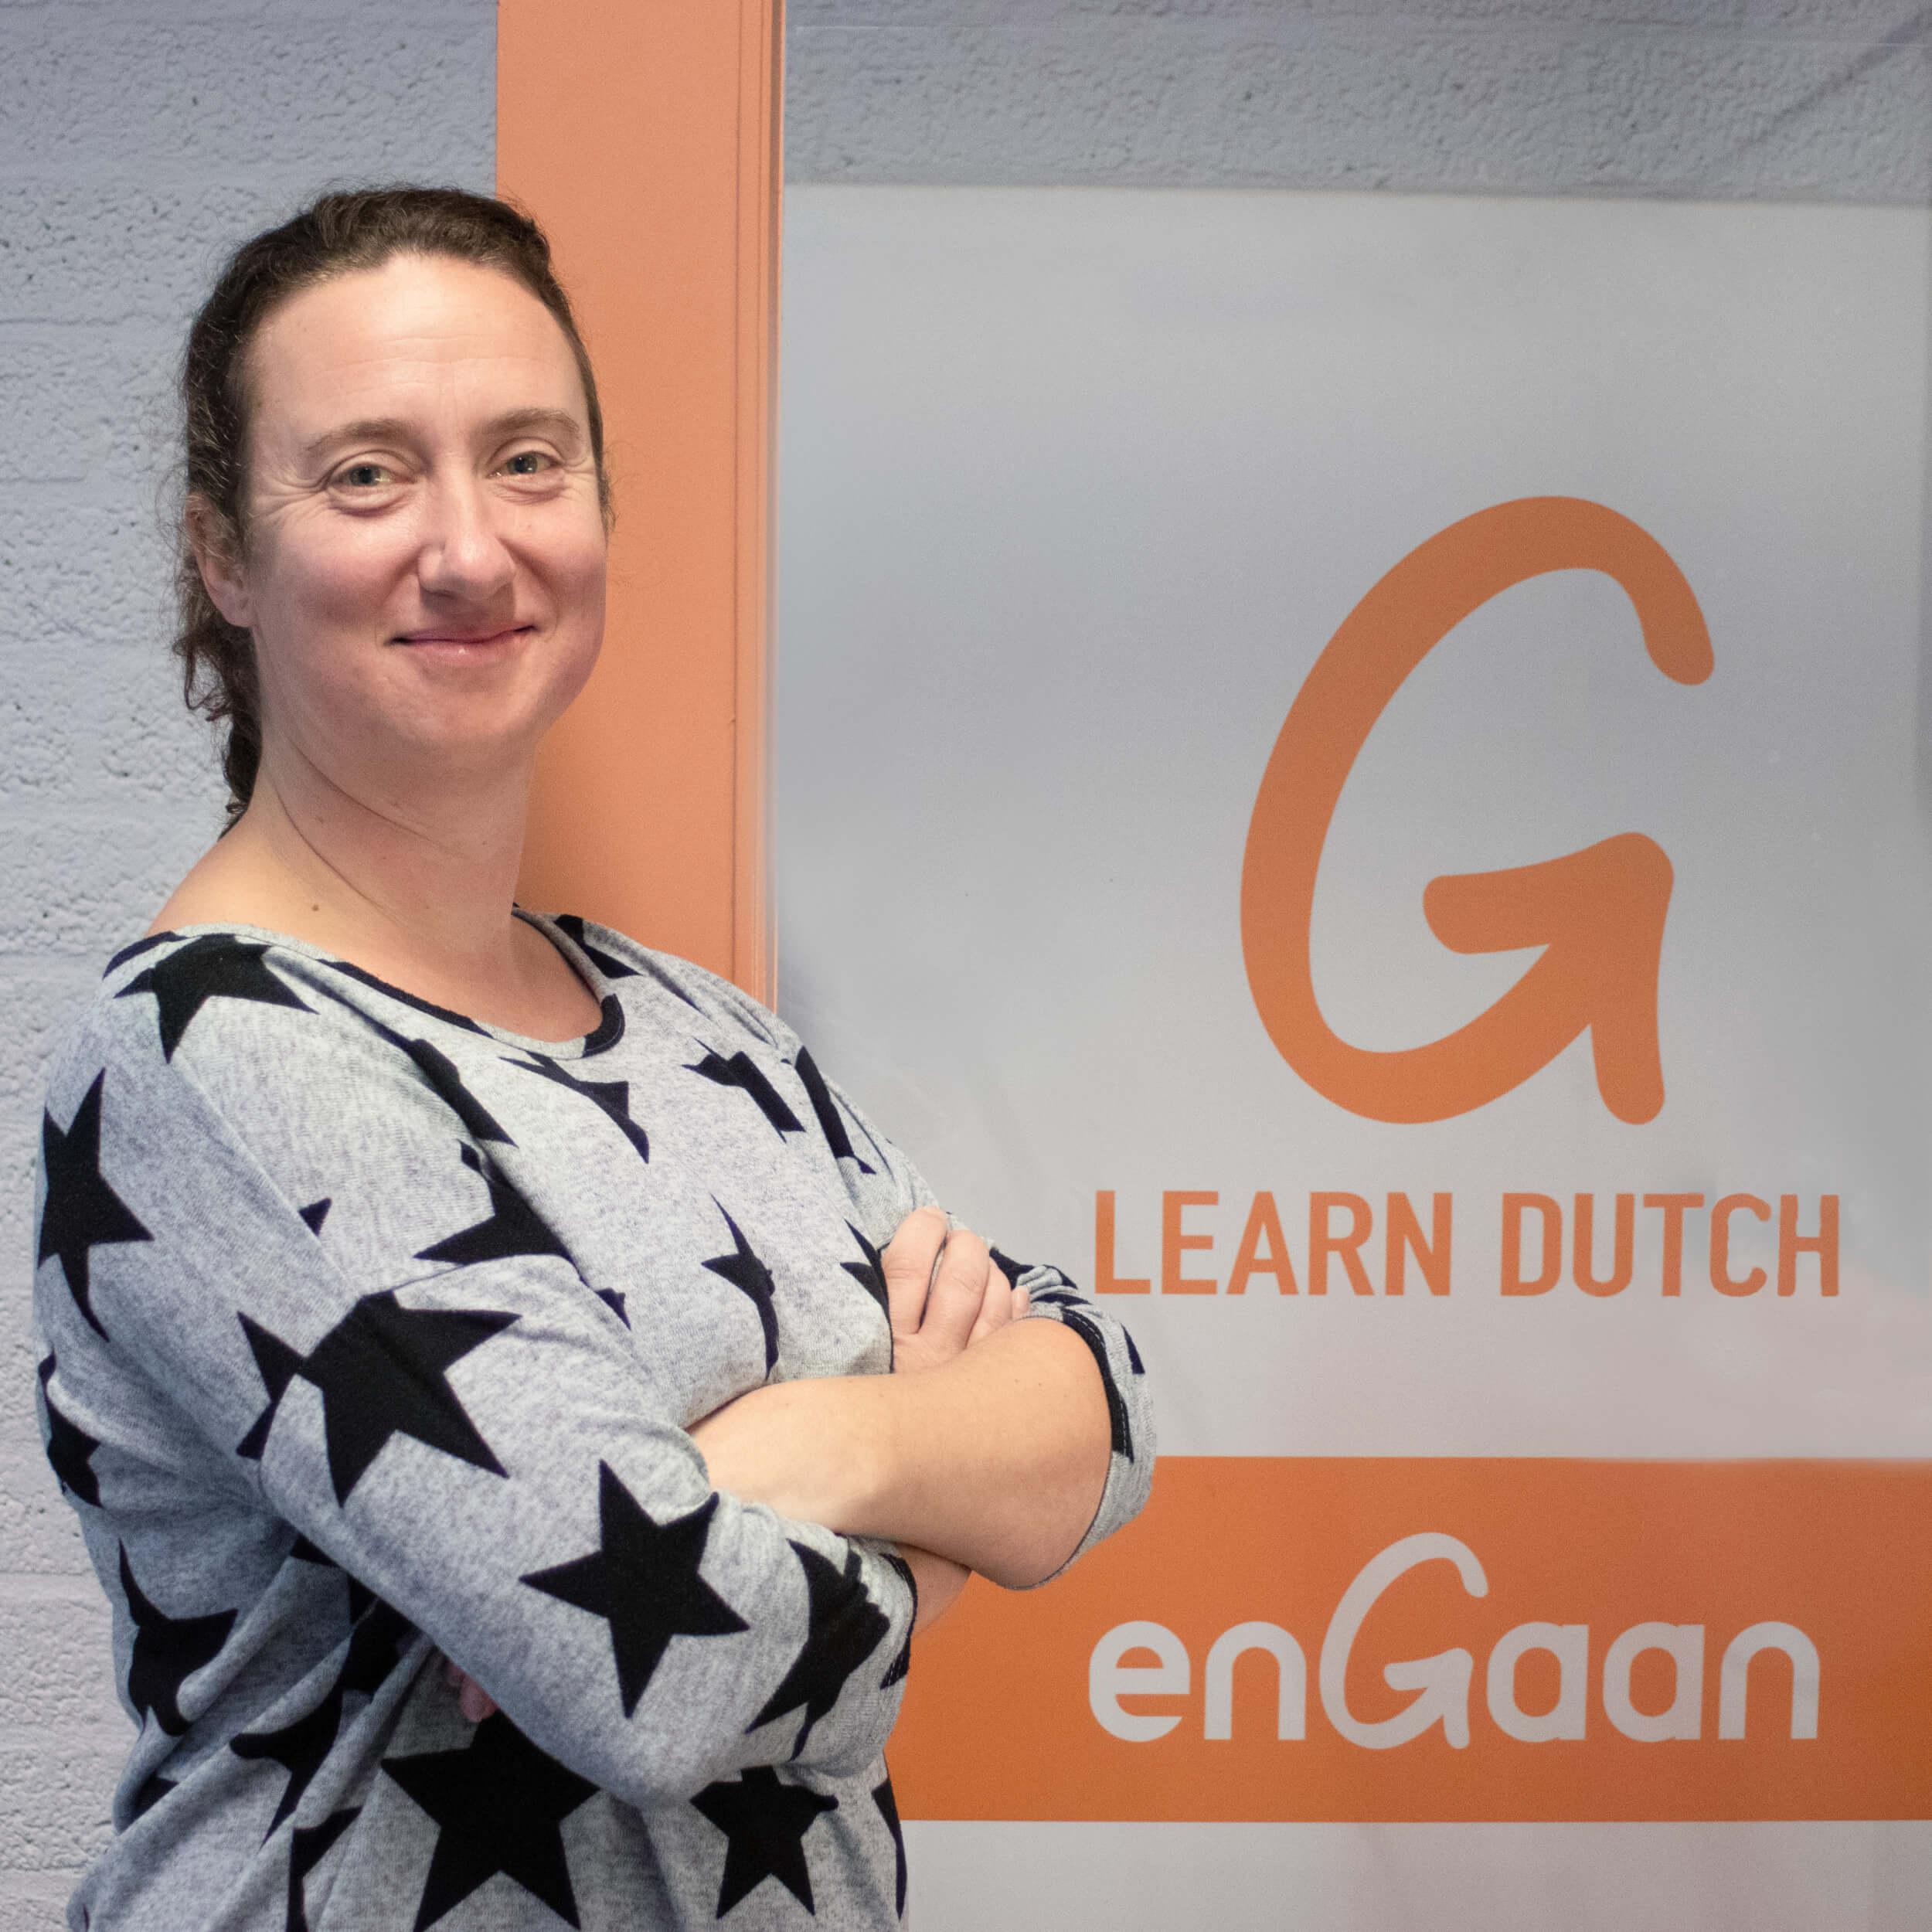 """Q&A met Willemijn van Ingen van EnGaan: """"Wij geven Nederlands aan veelal jonge hoogopgeleide anderstaligen."""""""